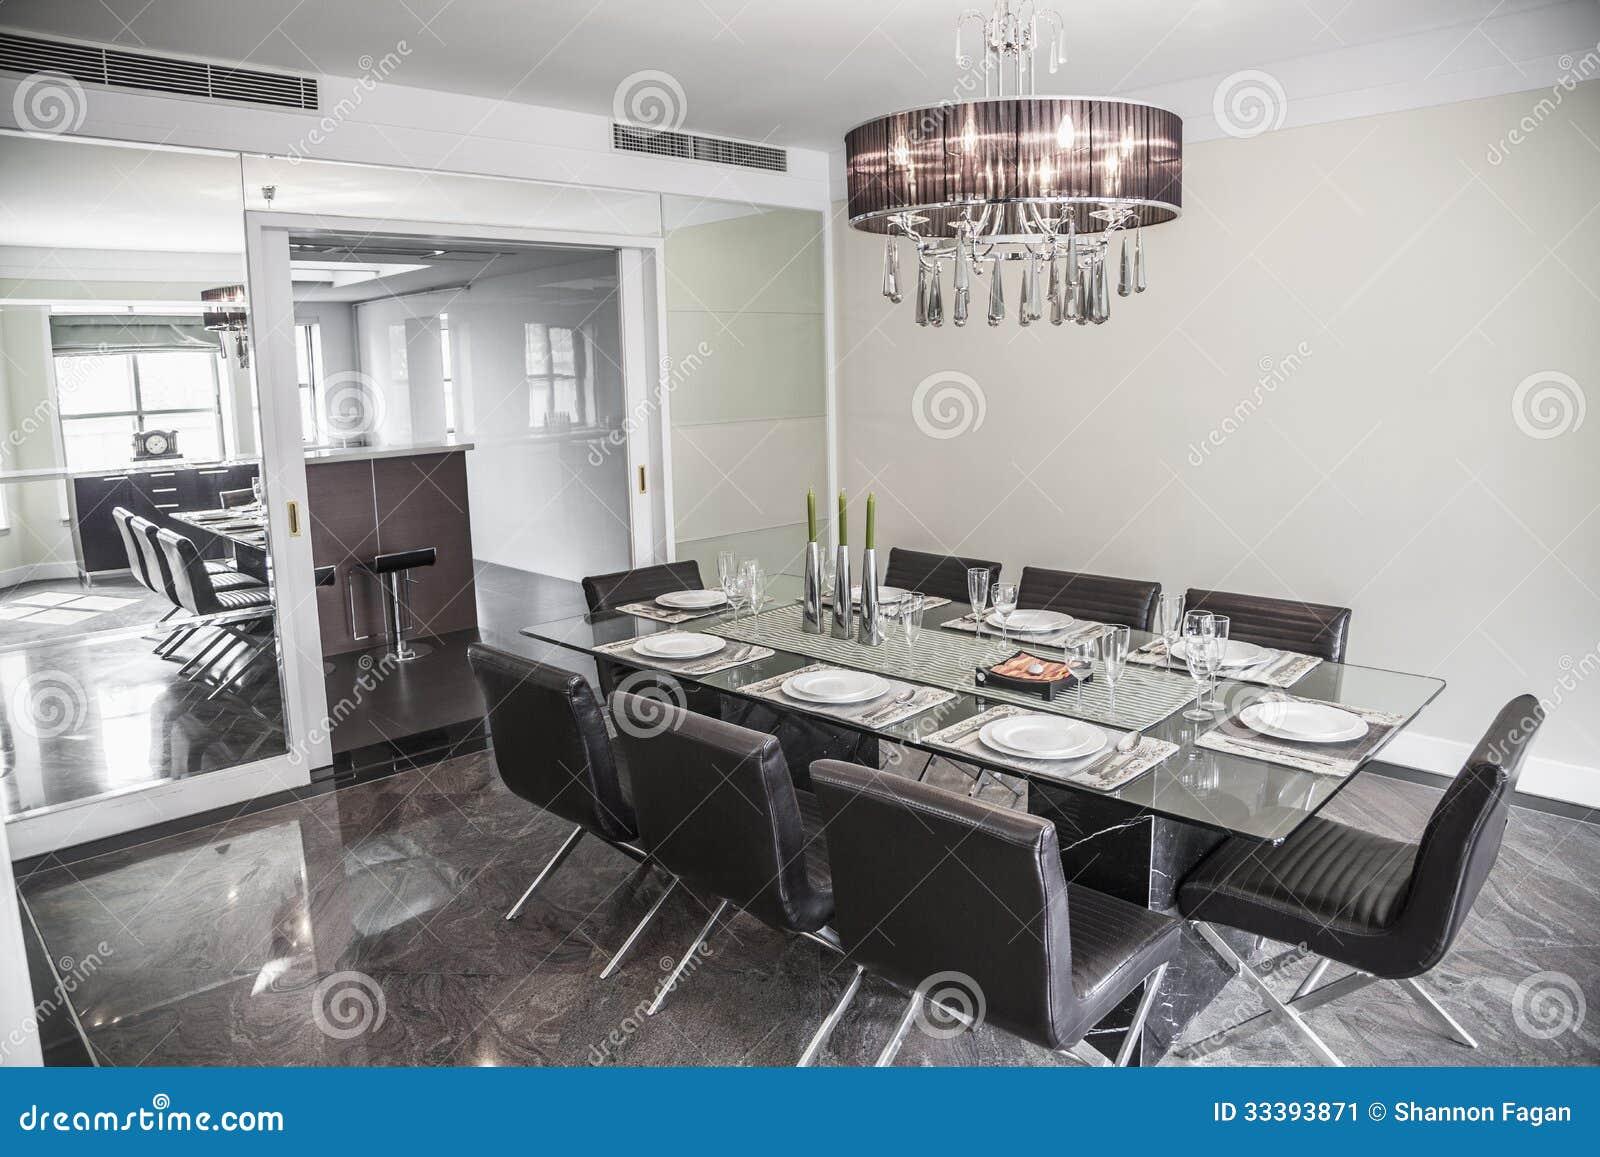 #82A328 Salle à Manger Avec Les Meubles Et Le Lustre Modernes  4729 lustre moderne pour salle à manger 1300x957 px @ aertt.com